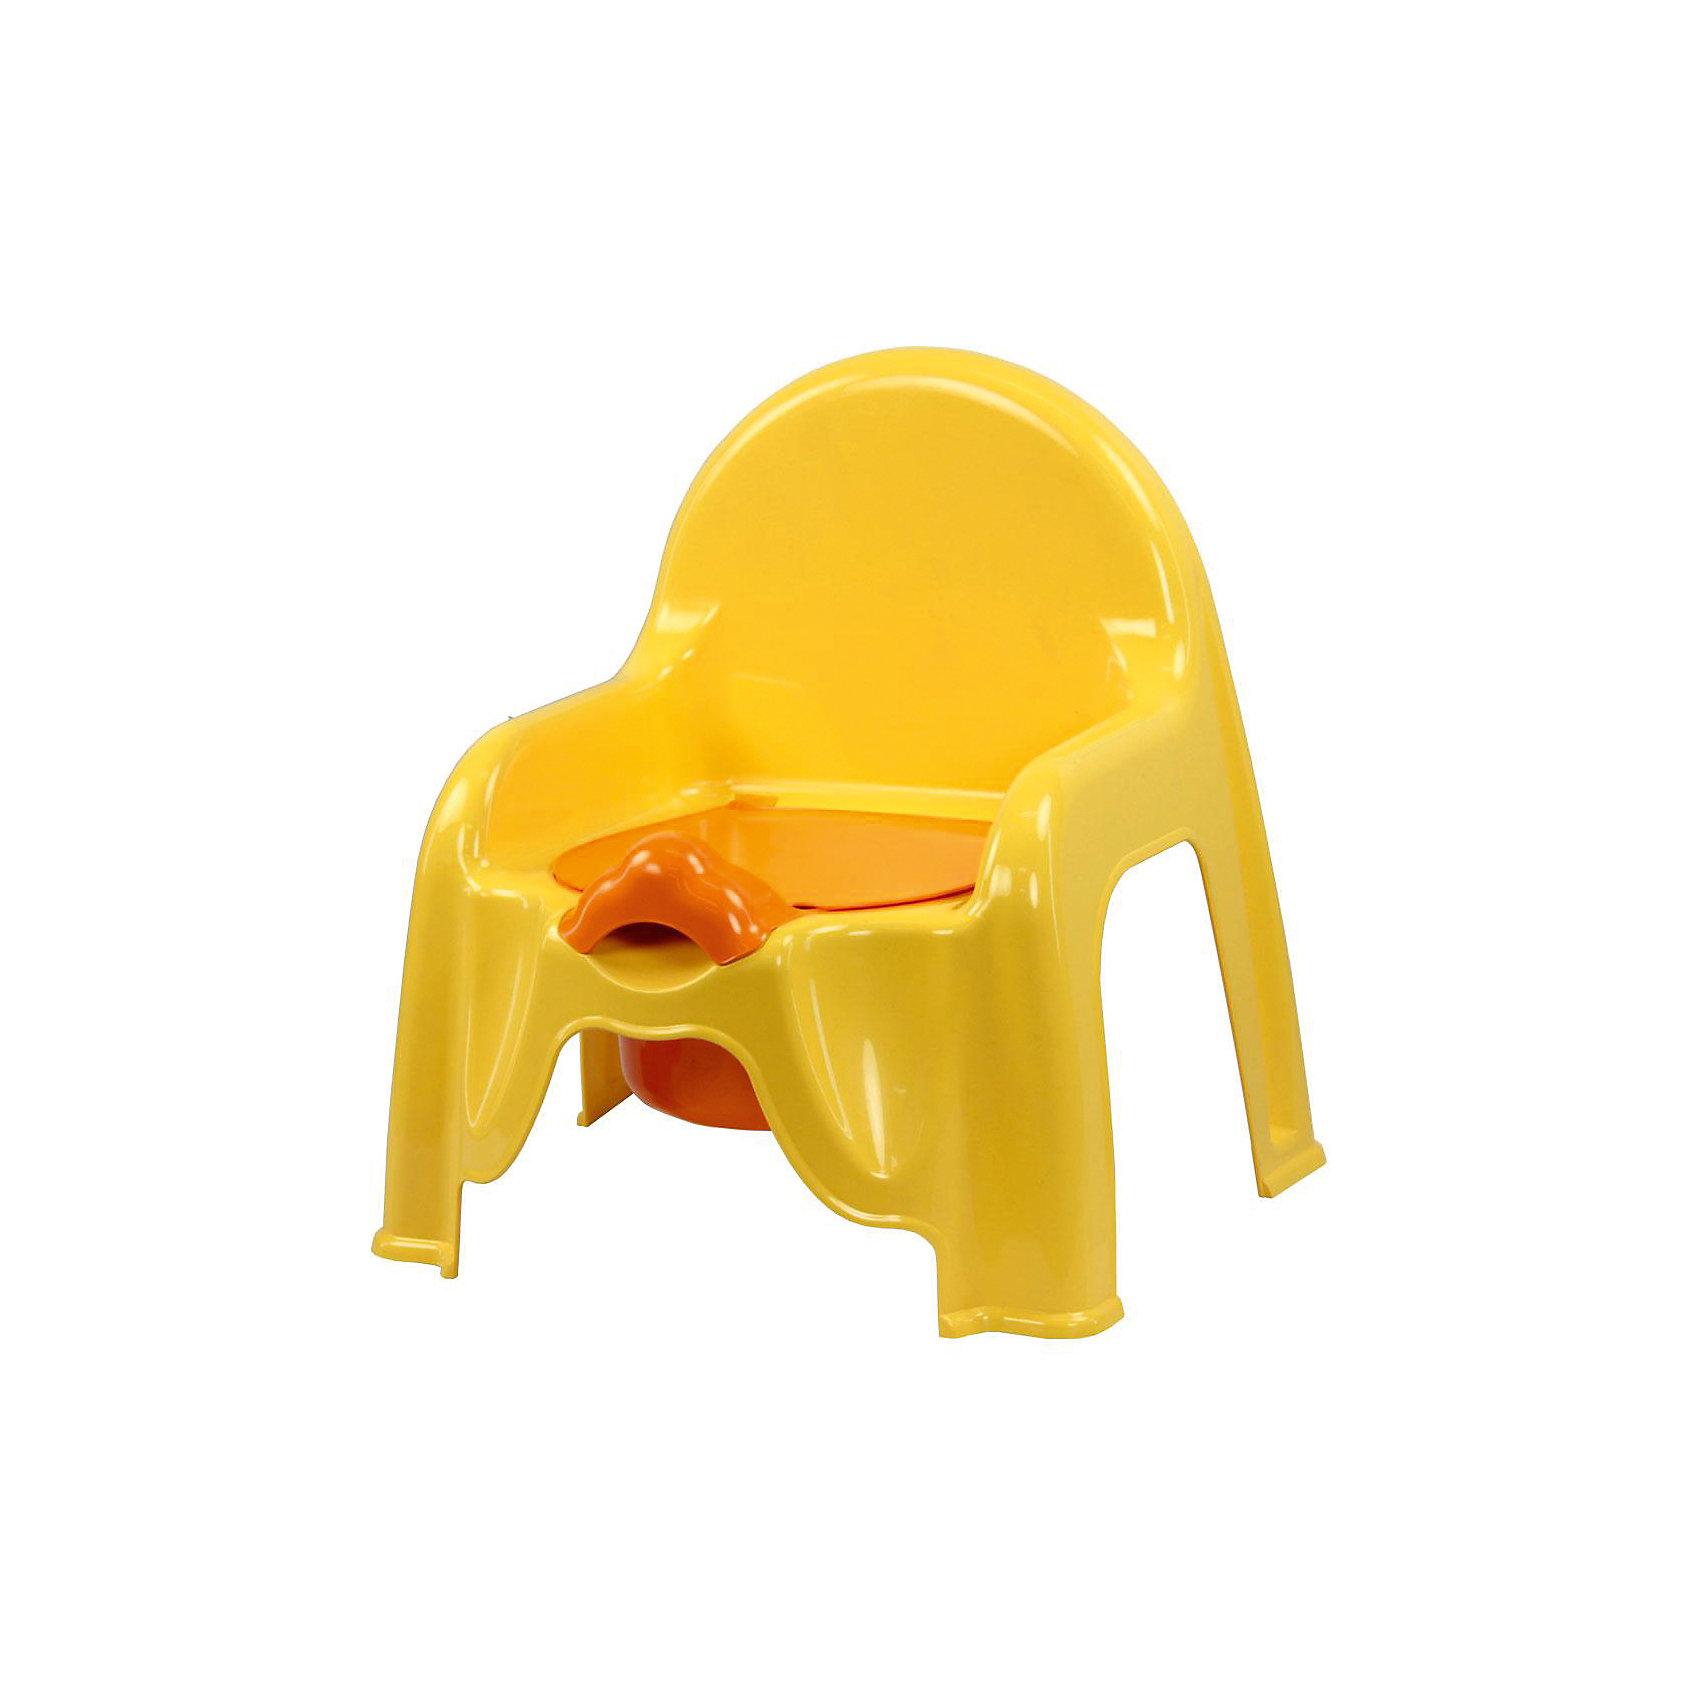 Горшок-стульчик , Alternativa, св.жёлтыйГоршки, сиденья для унитаза, стульчики-подставки<br>Горшок-стульчик , Alternativa, светло-жёлтый сделан из пластика, абсолютно безопасного для детей. Горшок сделан в форме стула: спинка и два небольших подлокотника, что создаст удобство ребёнку. Горшок Малышок отлично подойдет для того, чтобы приучить ребёнка ходить в туалет самостоятельно. <br><br>Дополнительная информация:<br>-Размер(ДхШхВ):45,5 х11х22 см<br>-Цвет: светло-жёлтый<br>-Марка: Alternativa<br><br>Горшок-стульчик , Alternativa, светло-жёлтый вы можете приобрести в нашем интернет-магазине.<br><br>Ширина мм: 290<br>Глубина мм: 255<br>Высота мм: 345<br>Вес г: 439<br>Возраст от месяцев: 6<br>Возраст до месяцев: 36<br>Пол: Унисекс<br>Возраст: Детский<br>SKU: 5096513